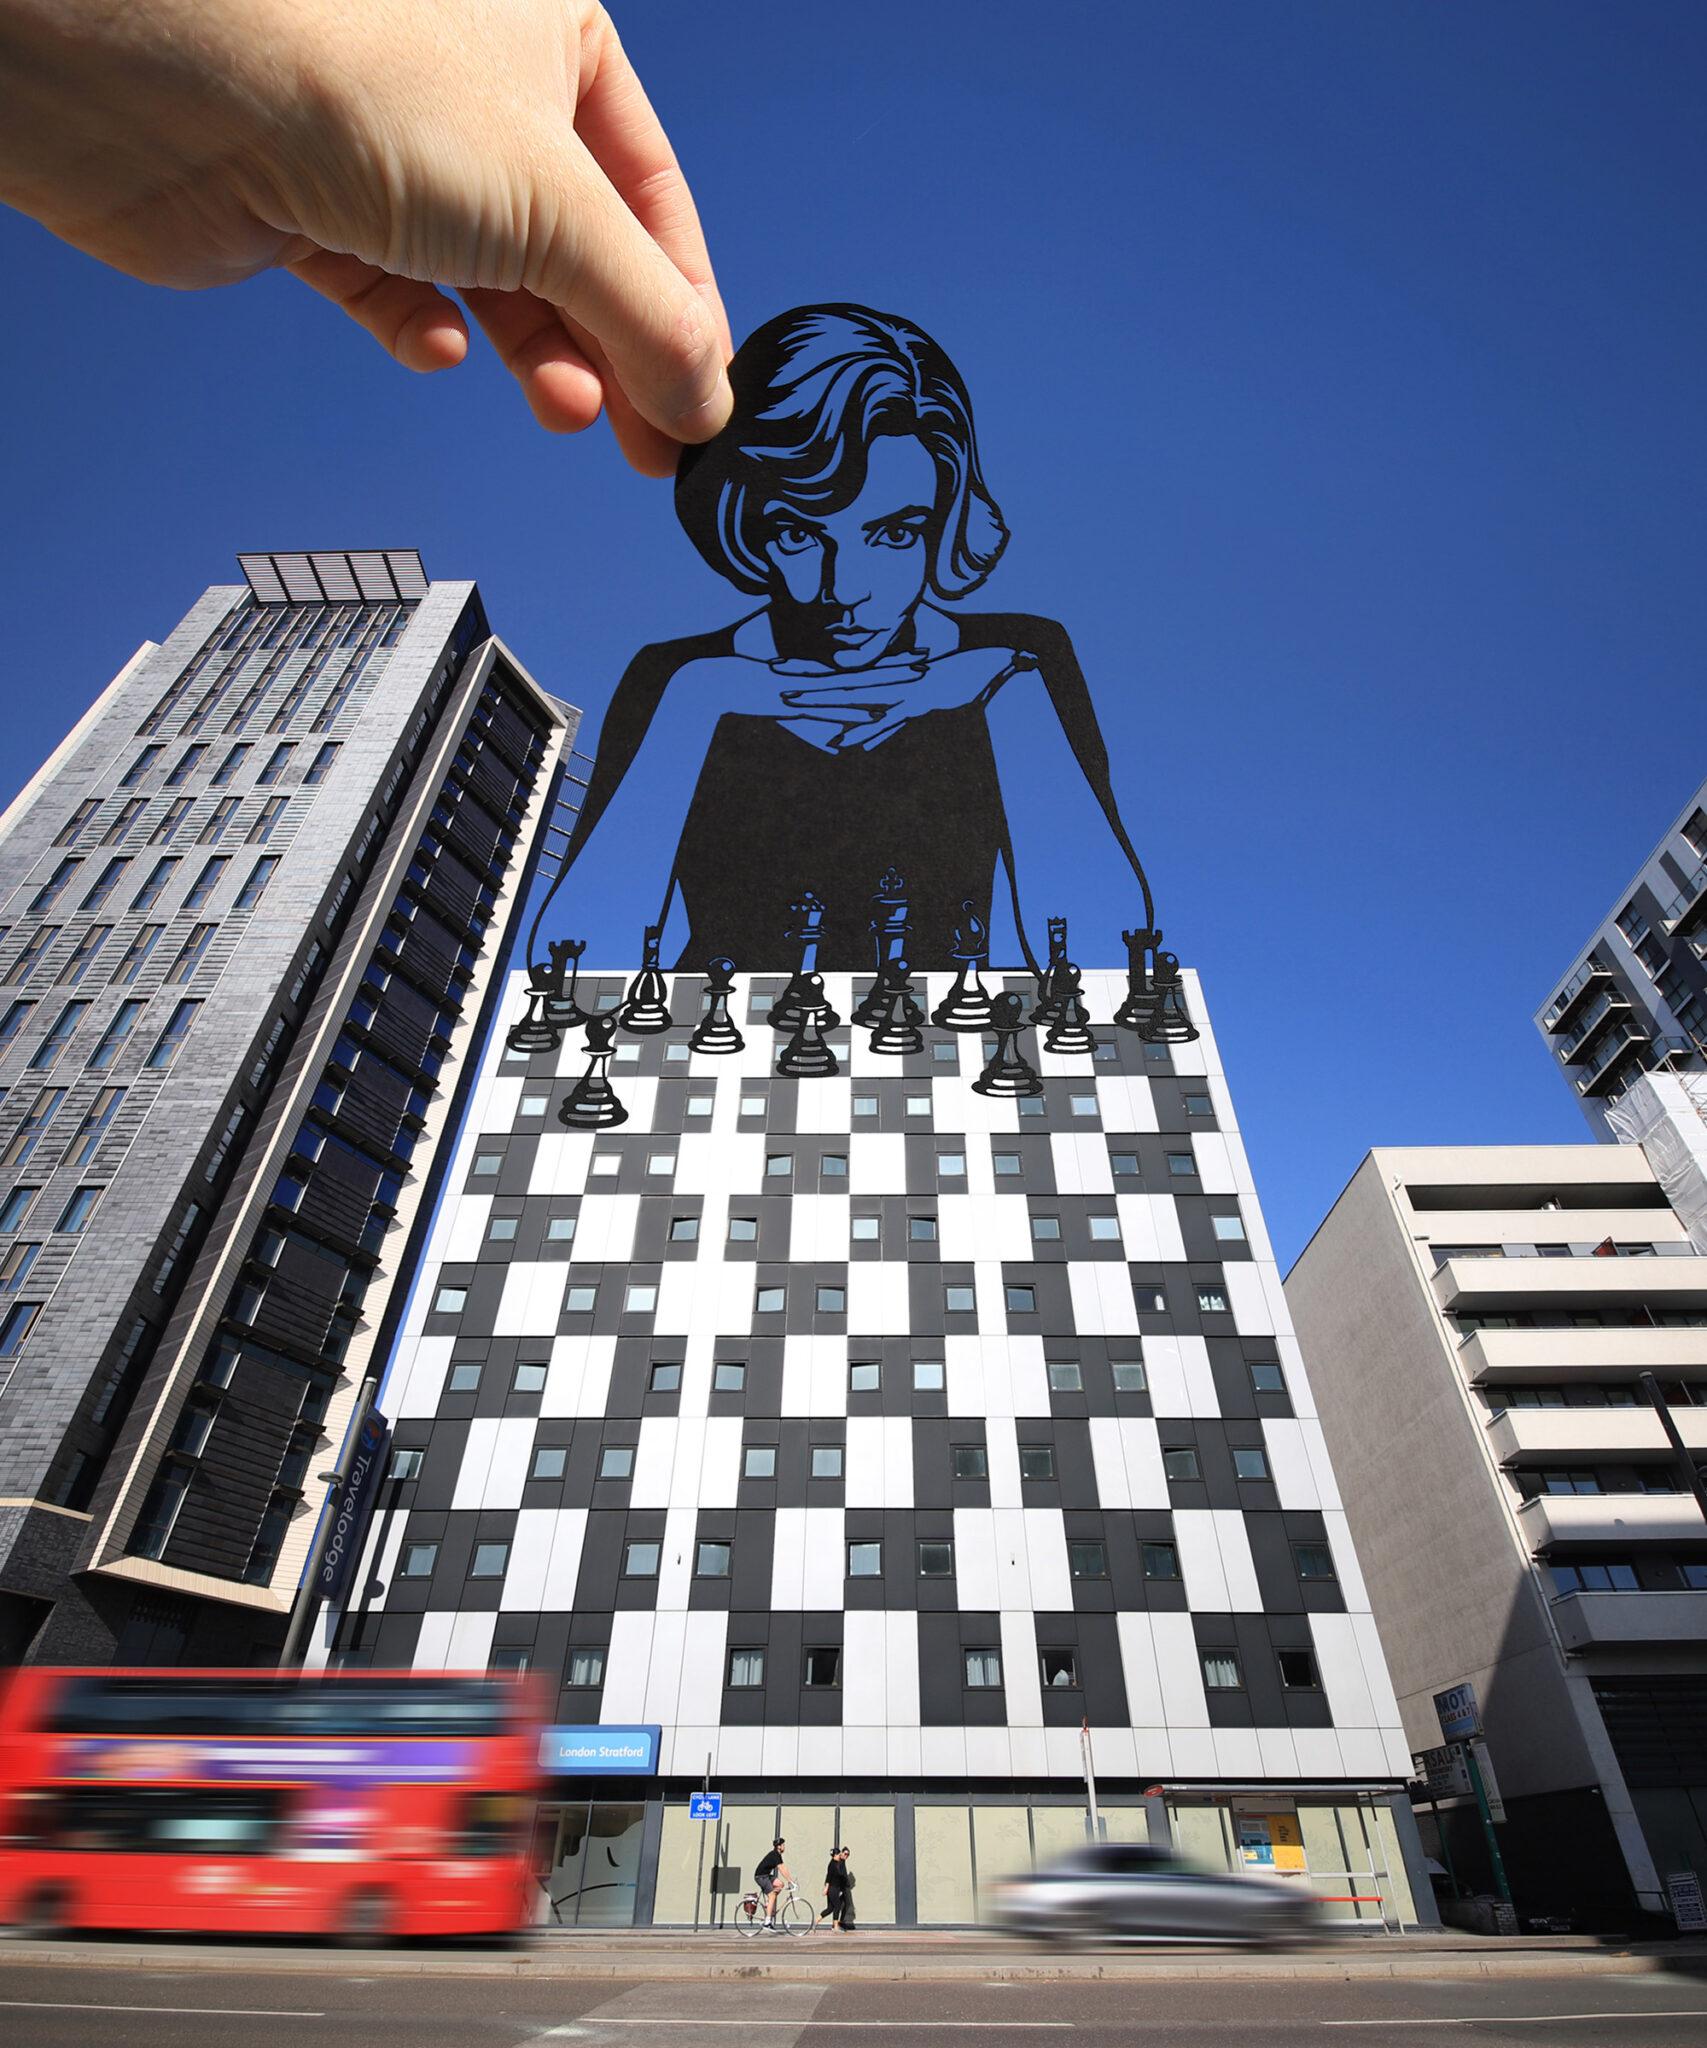 Paperboyo artista cria cenas divertidas com recortes de papel em arquitetura 7